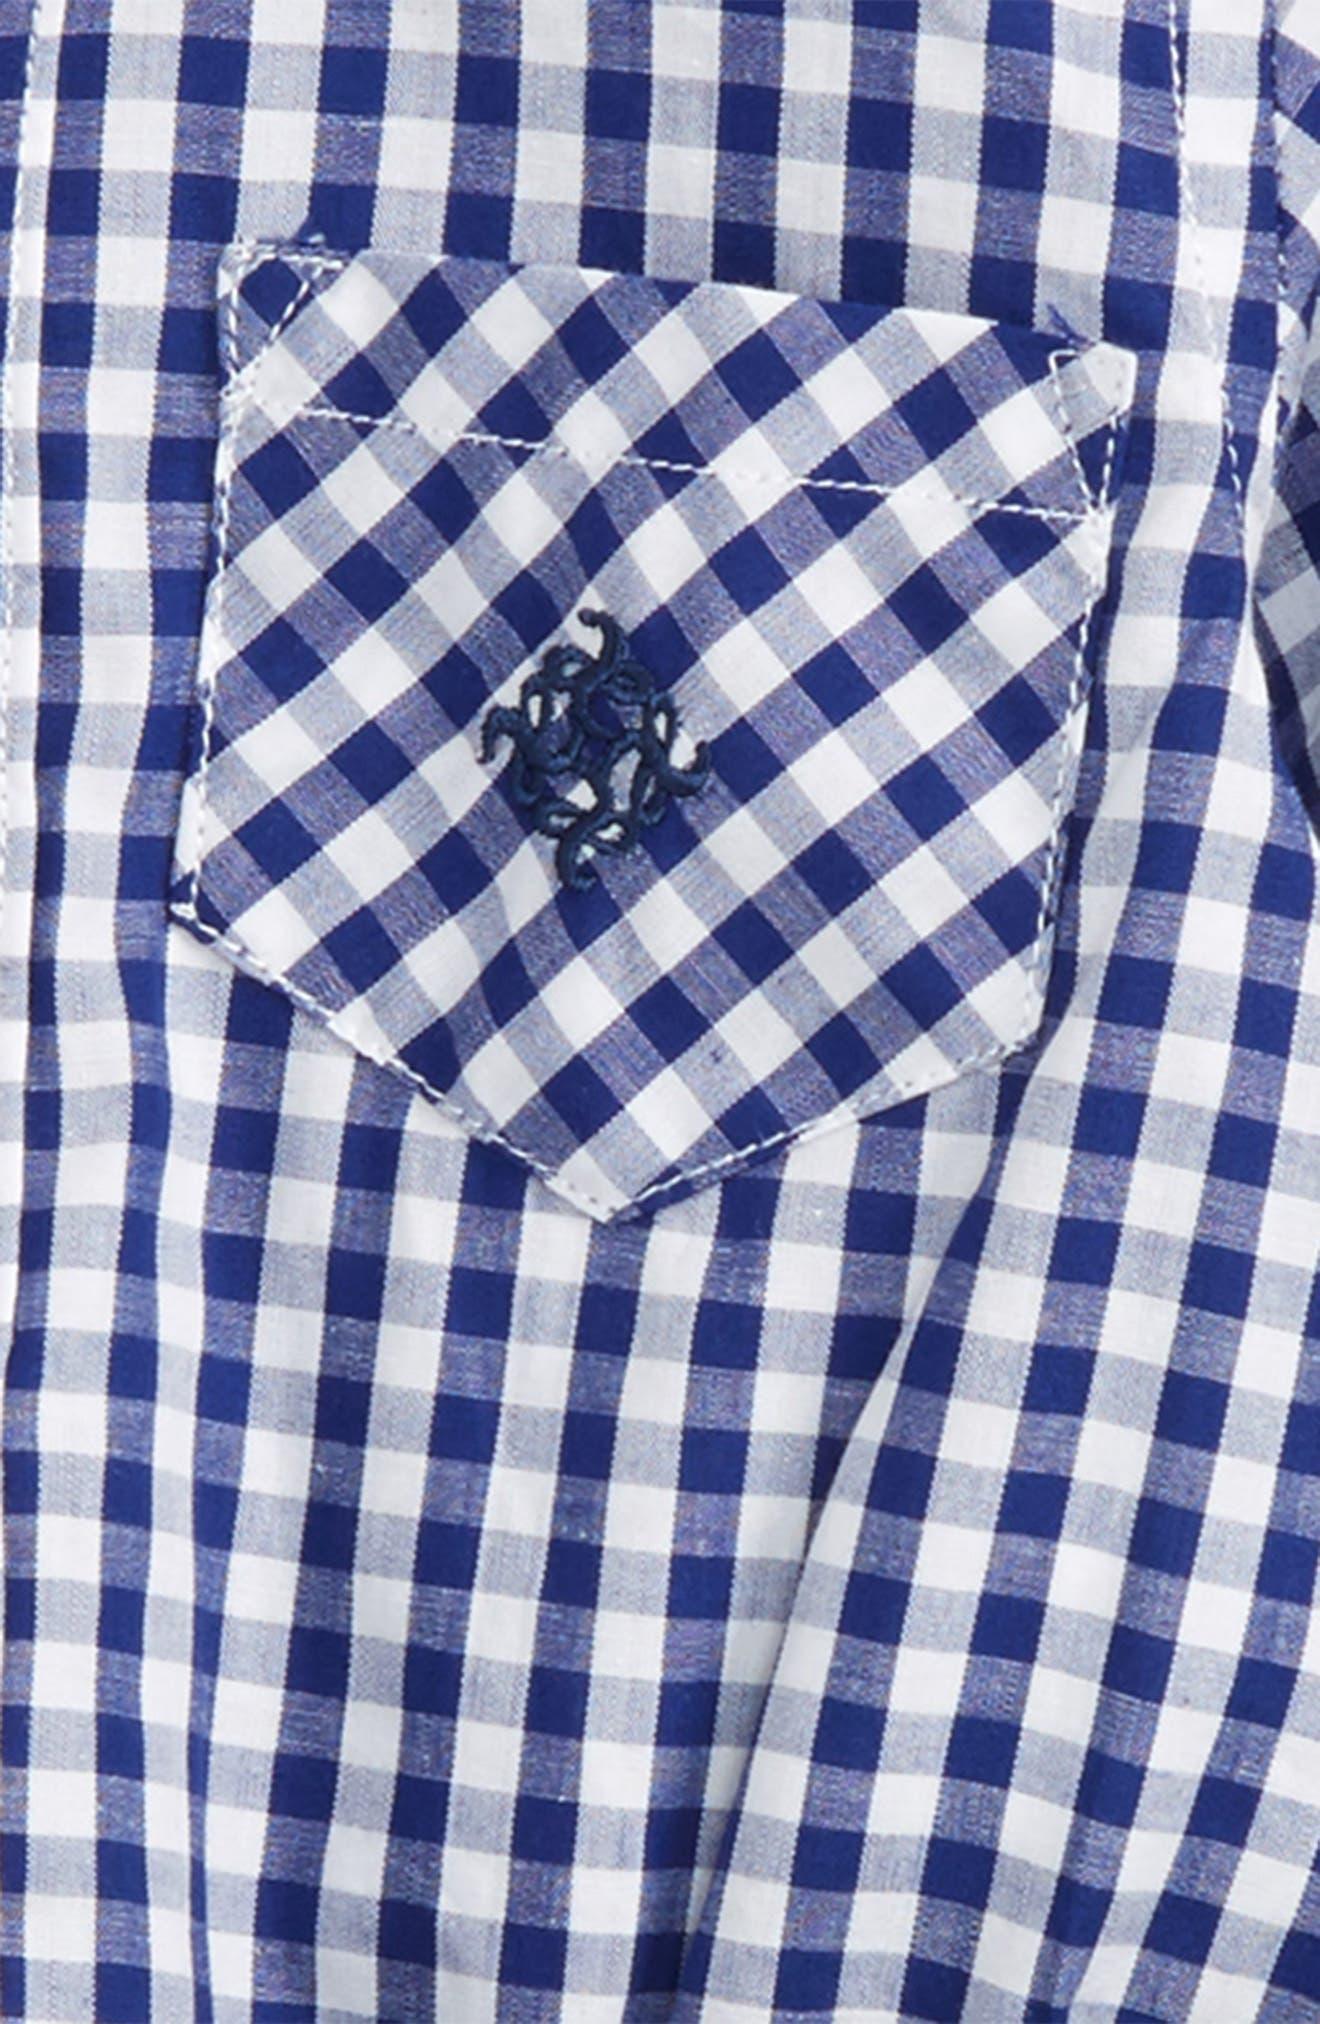 Shirtzie Gingham Bodysuit & Pants Set,                             Alternate thumbnail 2, color,                             410